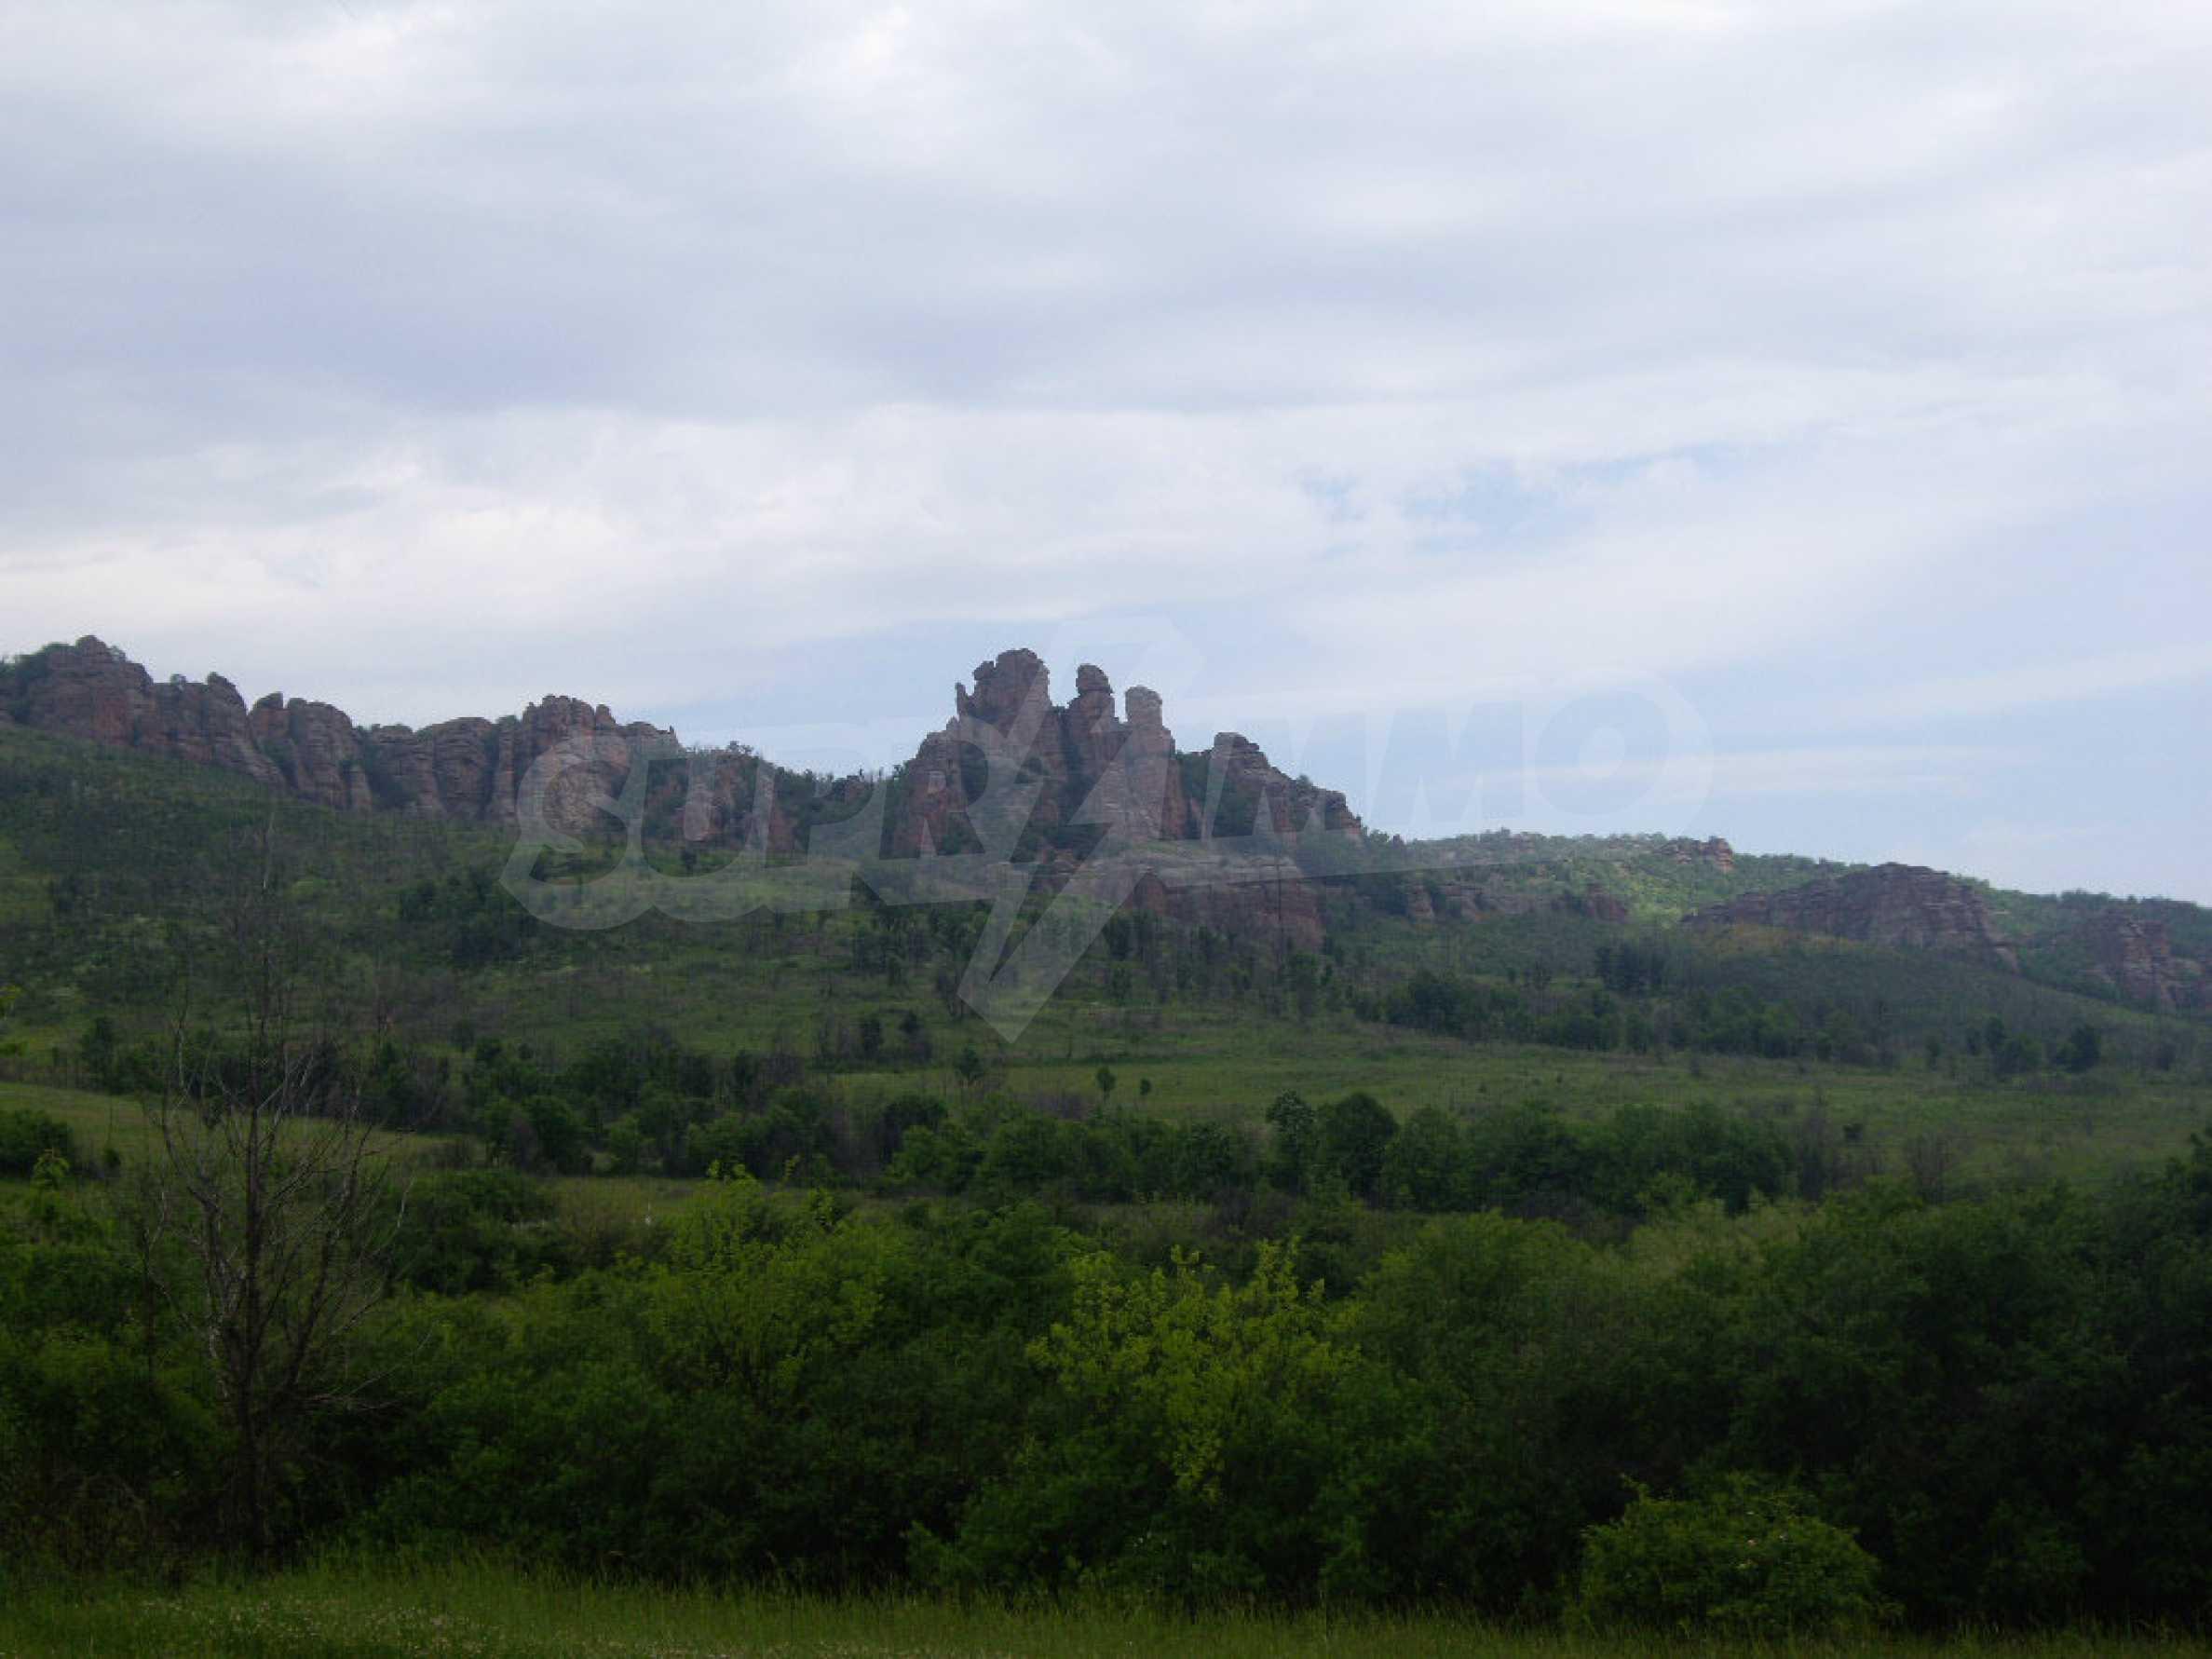 Großes unreguliertes Grundstück 50 km von Vidin entfernt 10